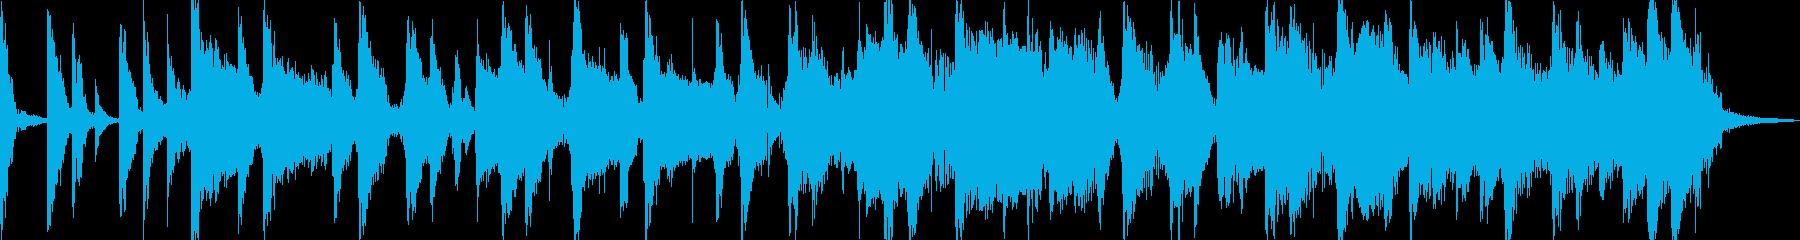 ギターとピコピコ音のポップなジングルの再生済みの波形